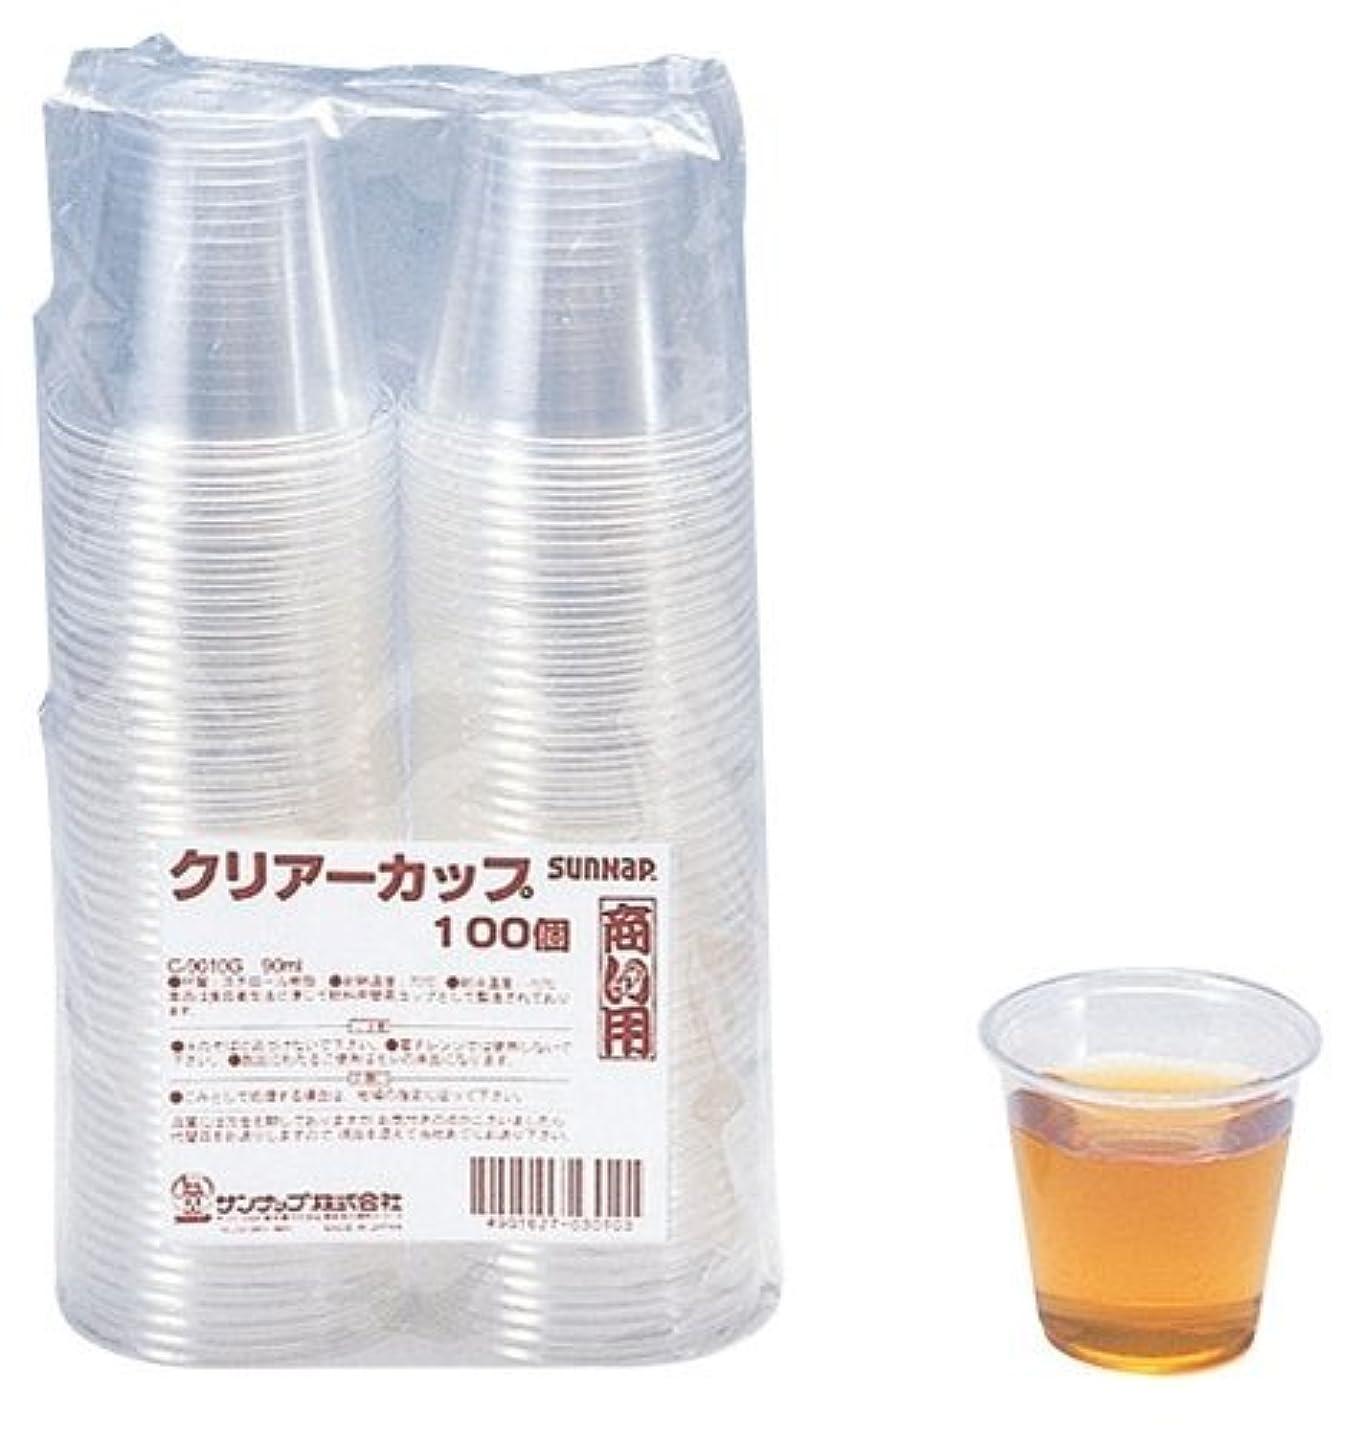 バスロック解除俳優(まとめ買い) サンナップ 商い用クリアーカップ 90ml 100個 C-9010G 【×3】